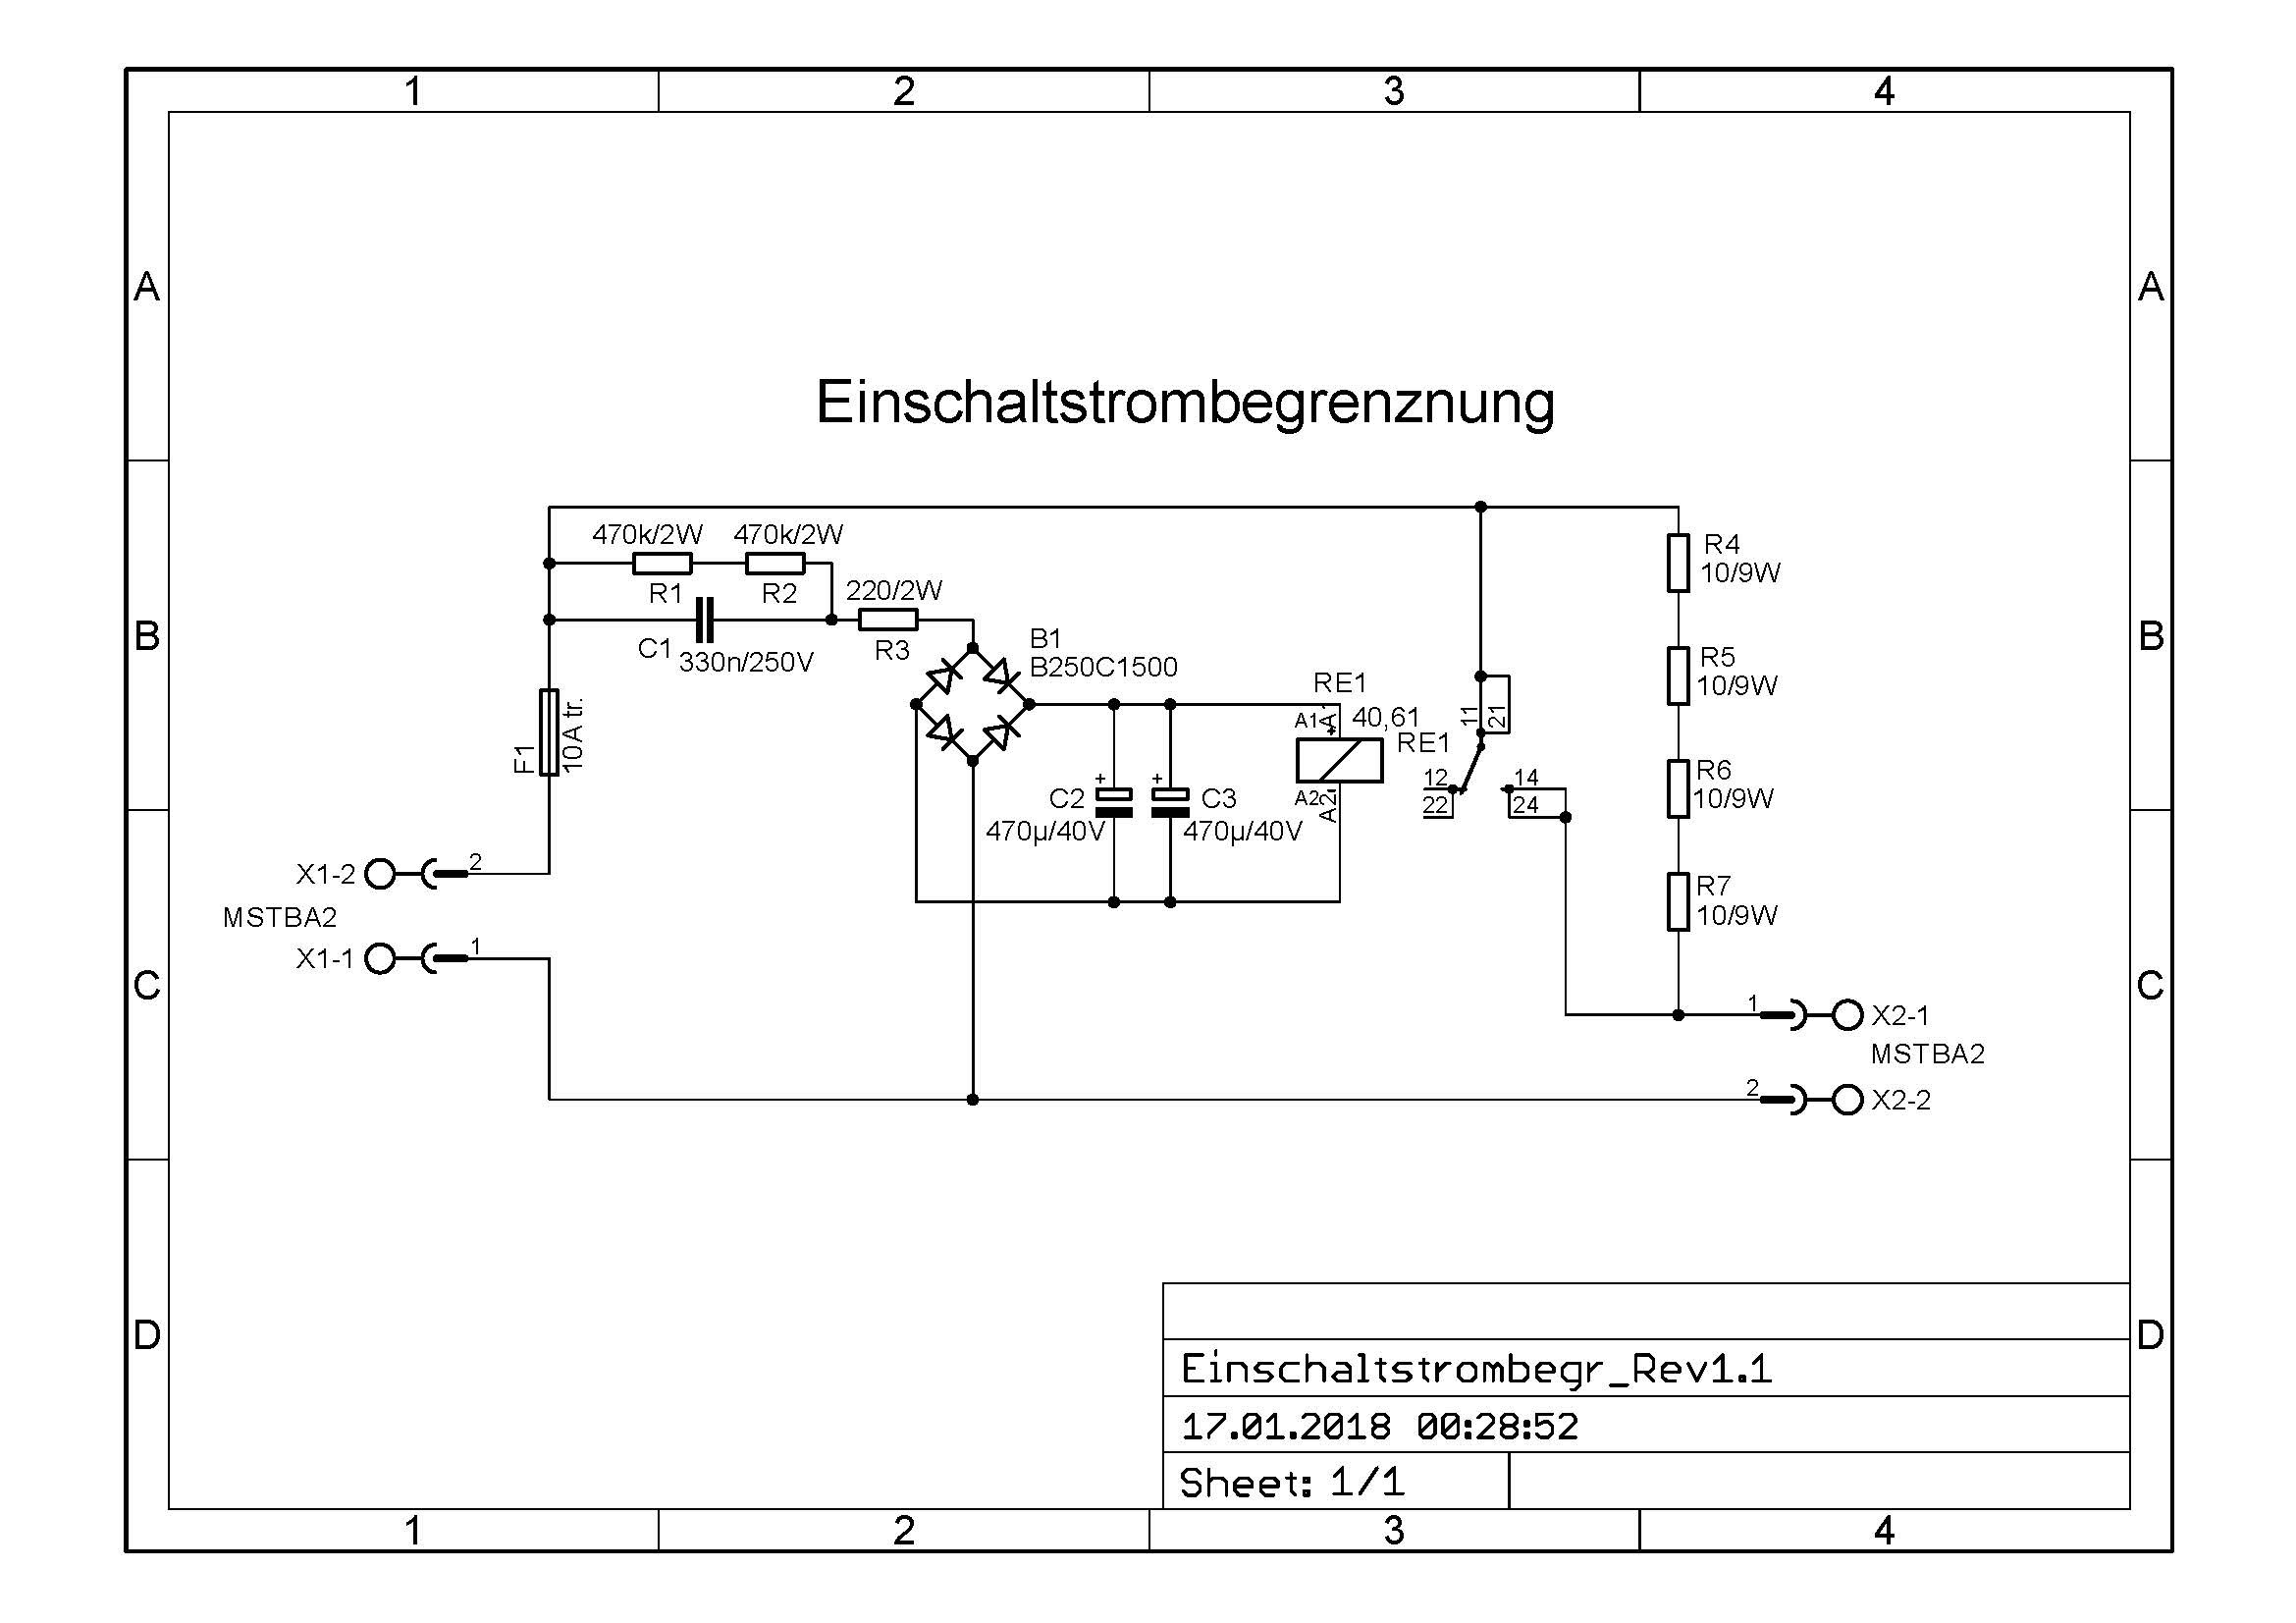 Großartig Transformator Schaltpläne Pdf Fotos - Der Schaltplan ...